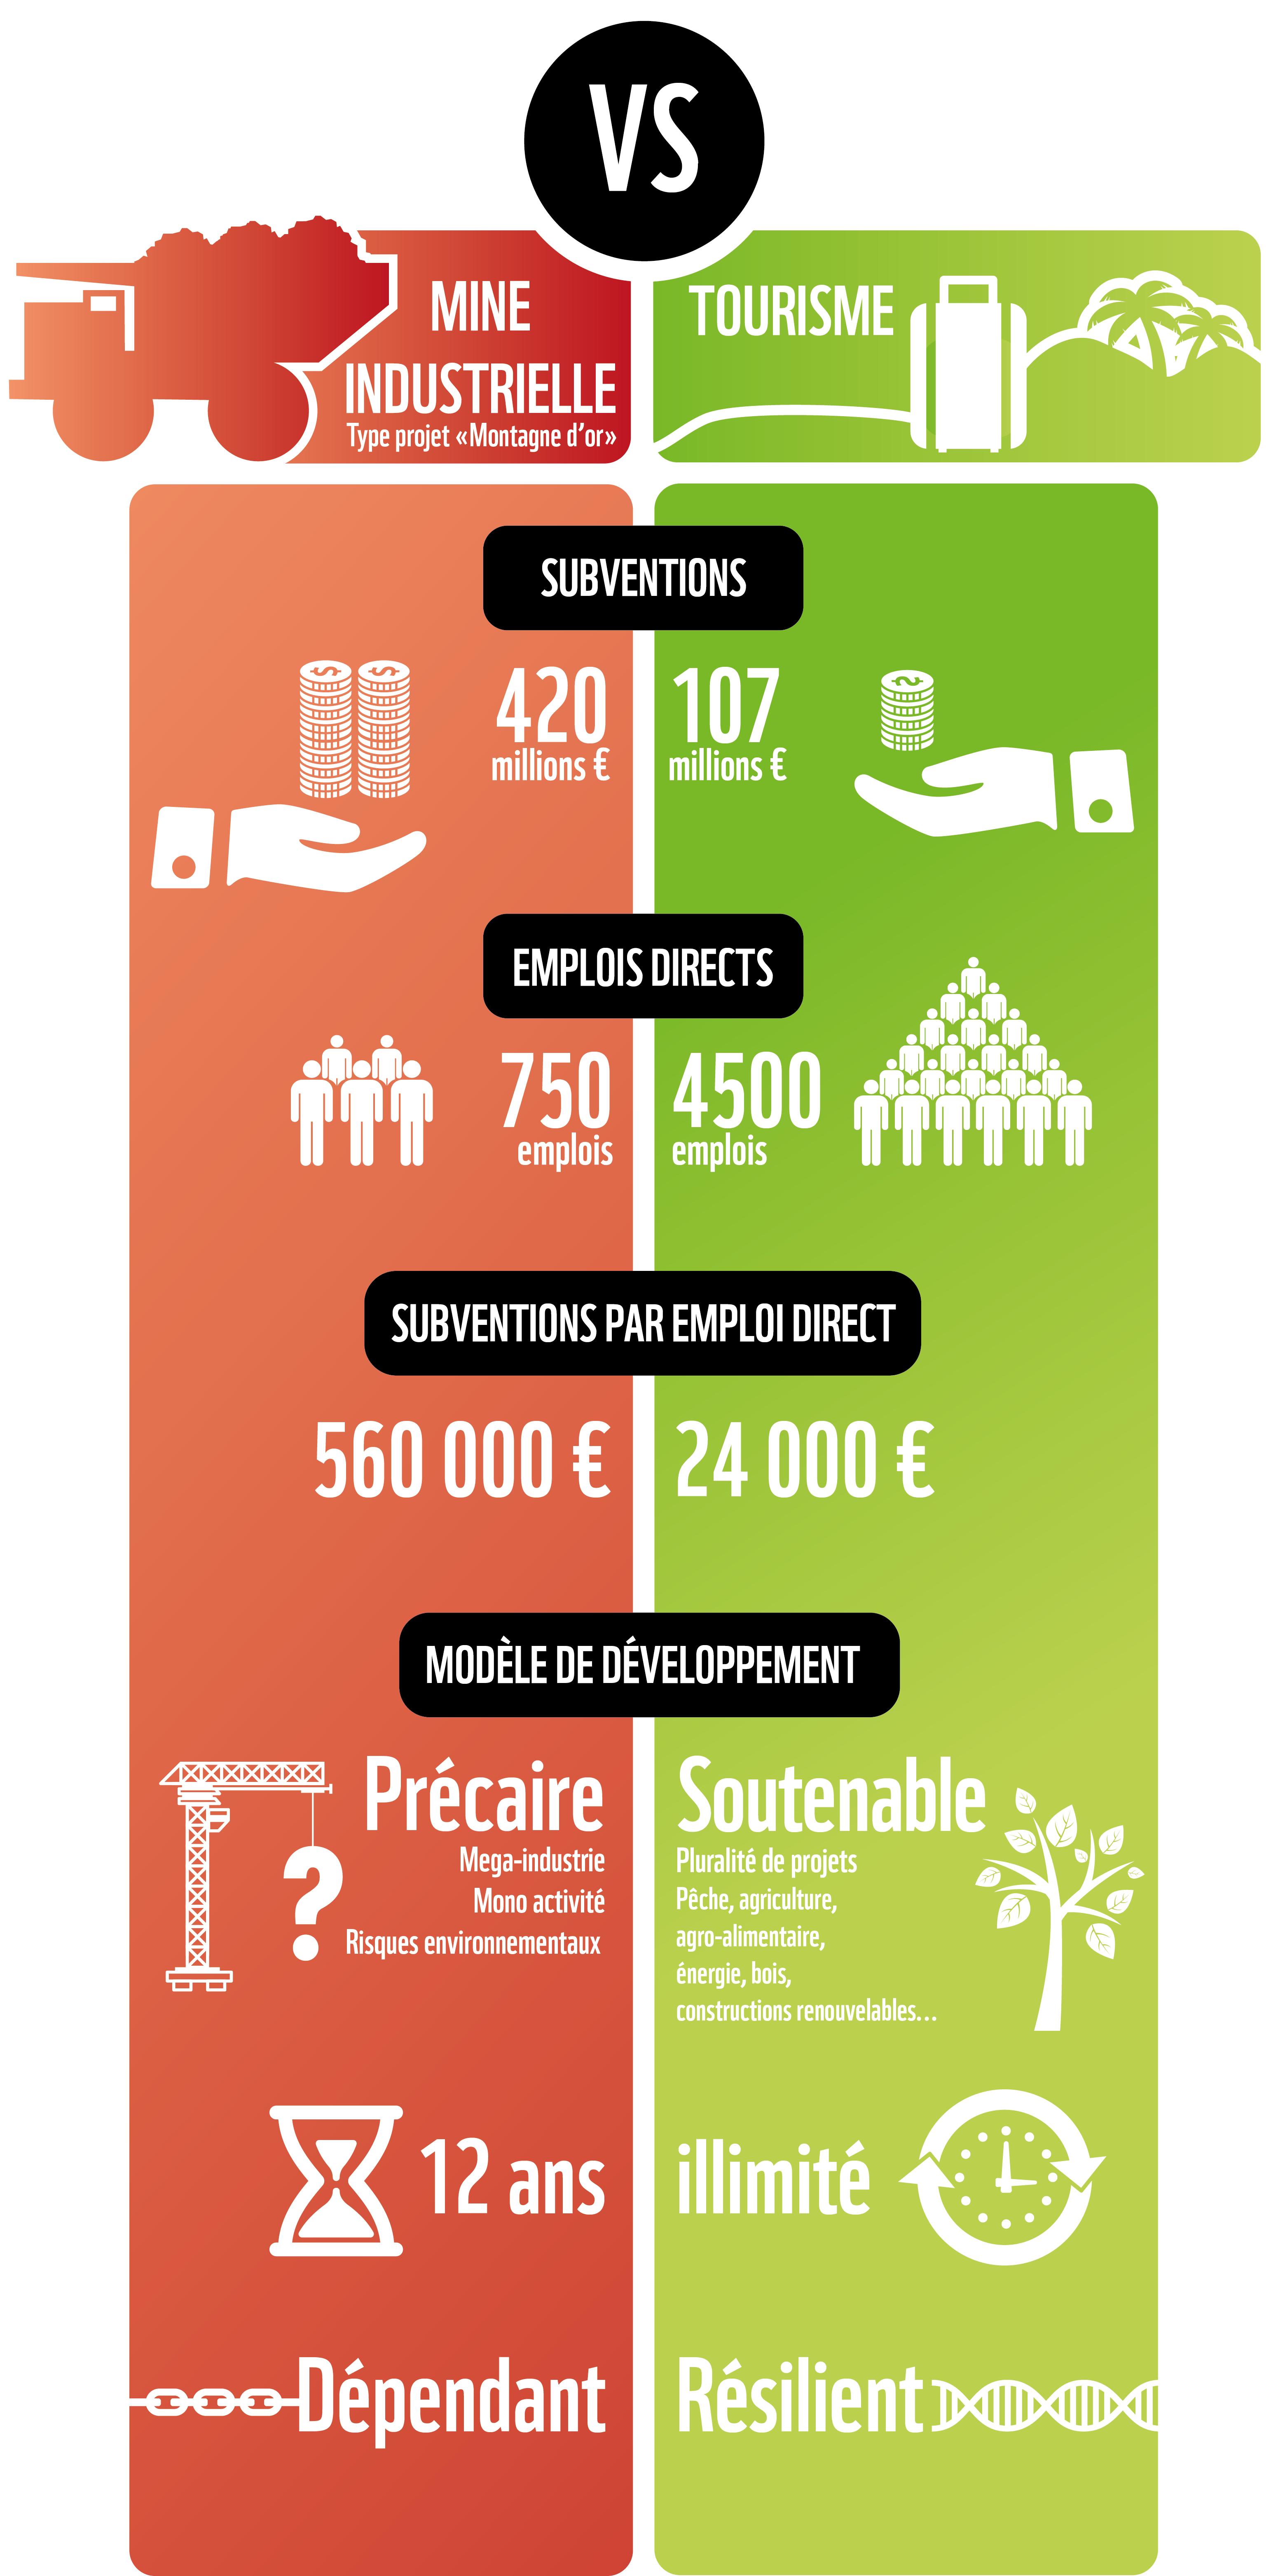 Infographie Montagne d'Or : Industrie minère vs Tourisme